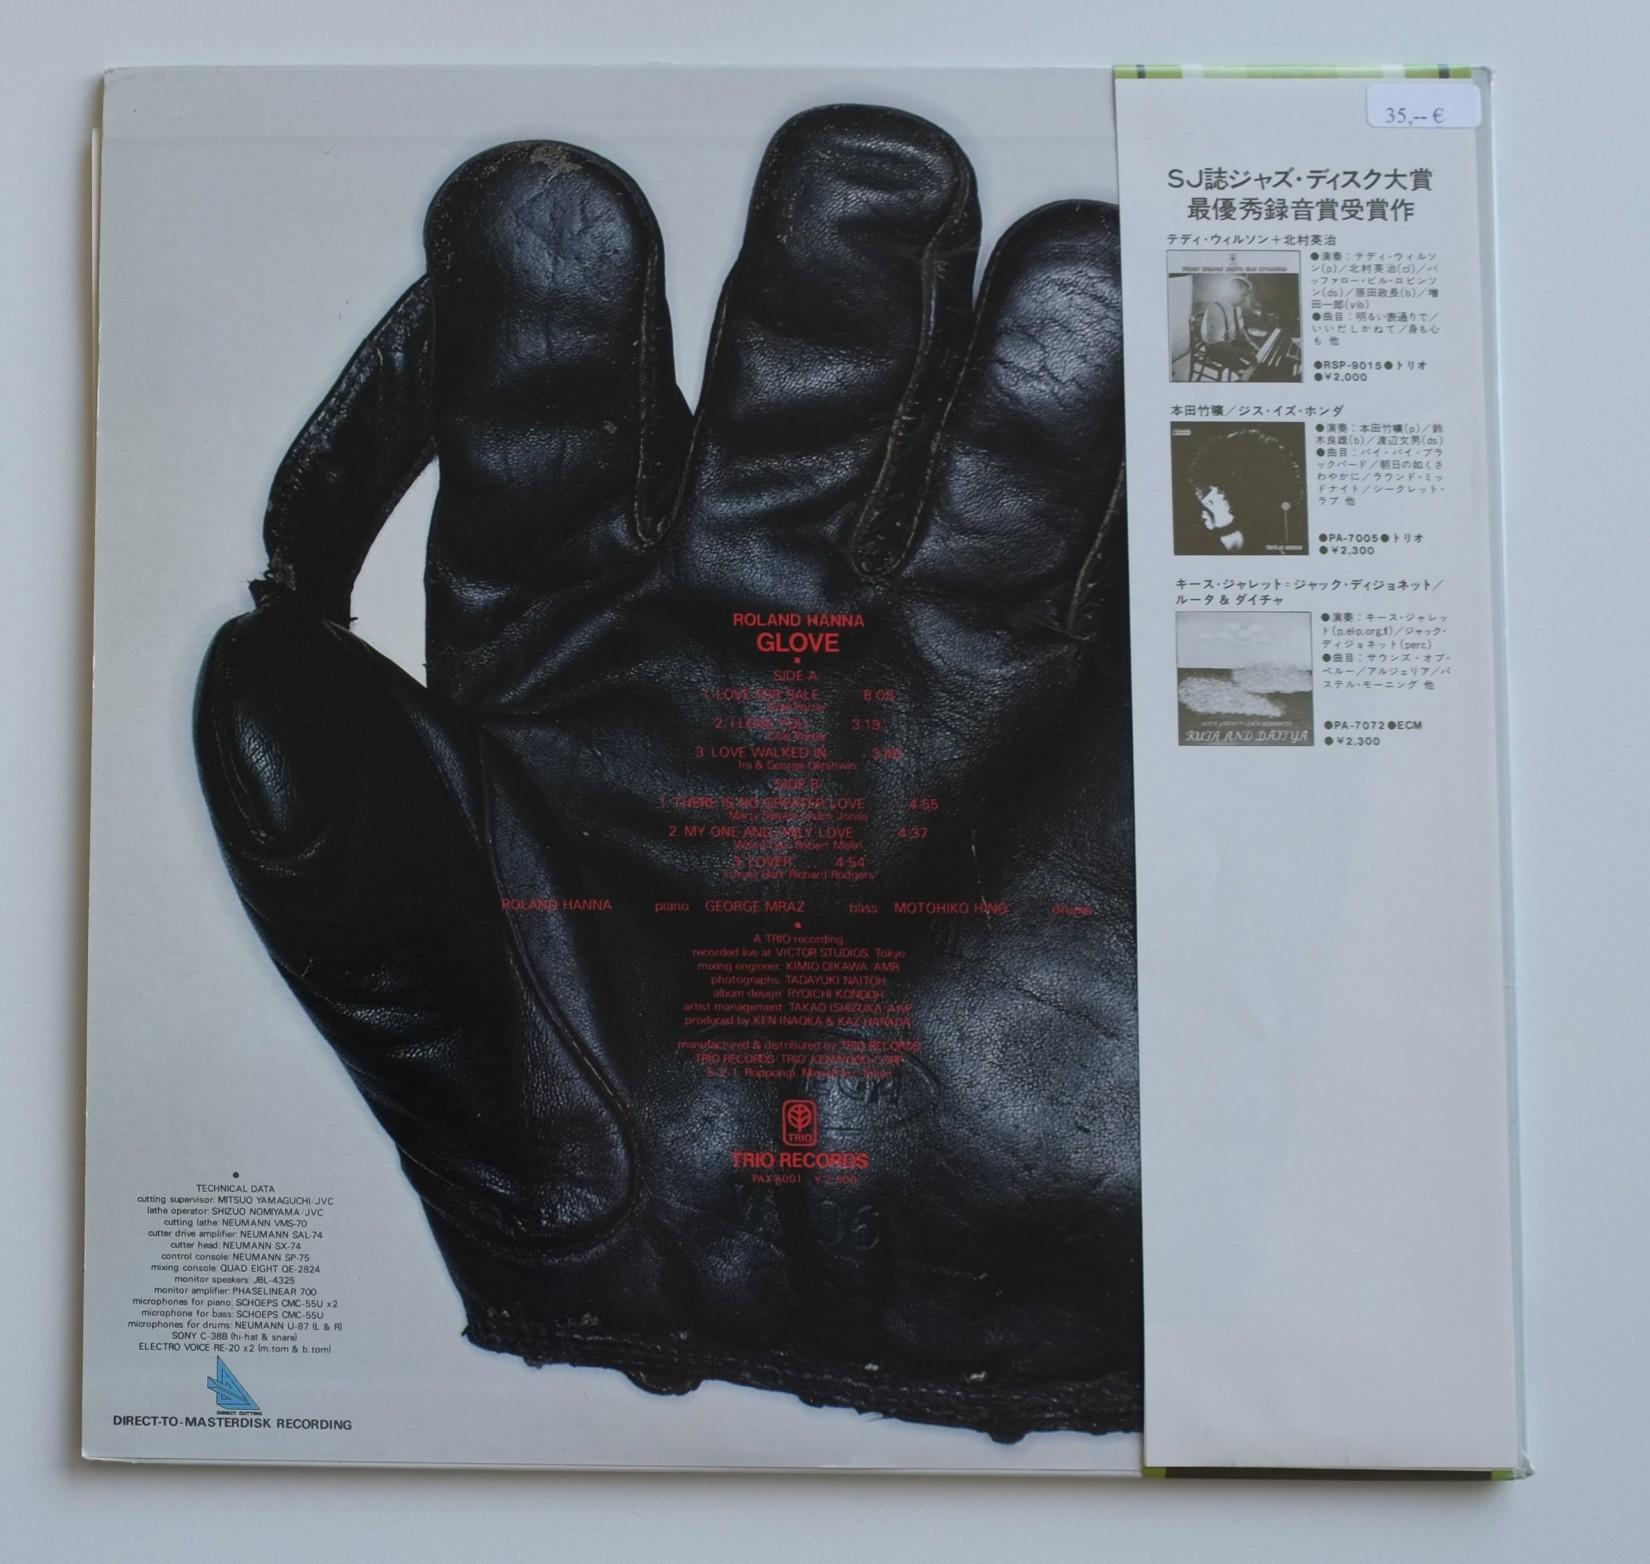 LP-Glove-Roland Hanna-PAX-6001-2